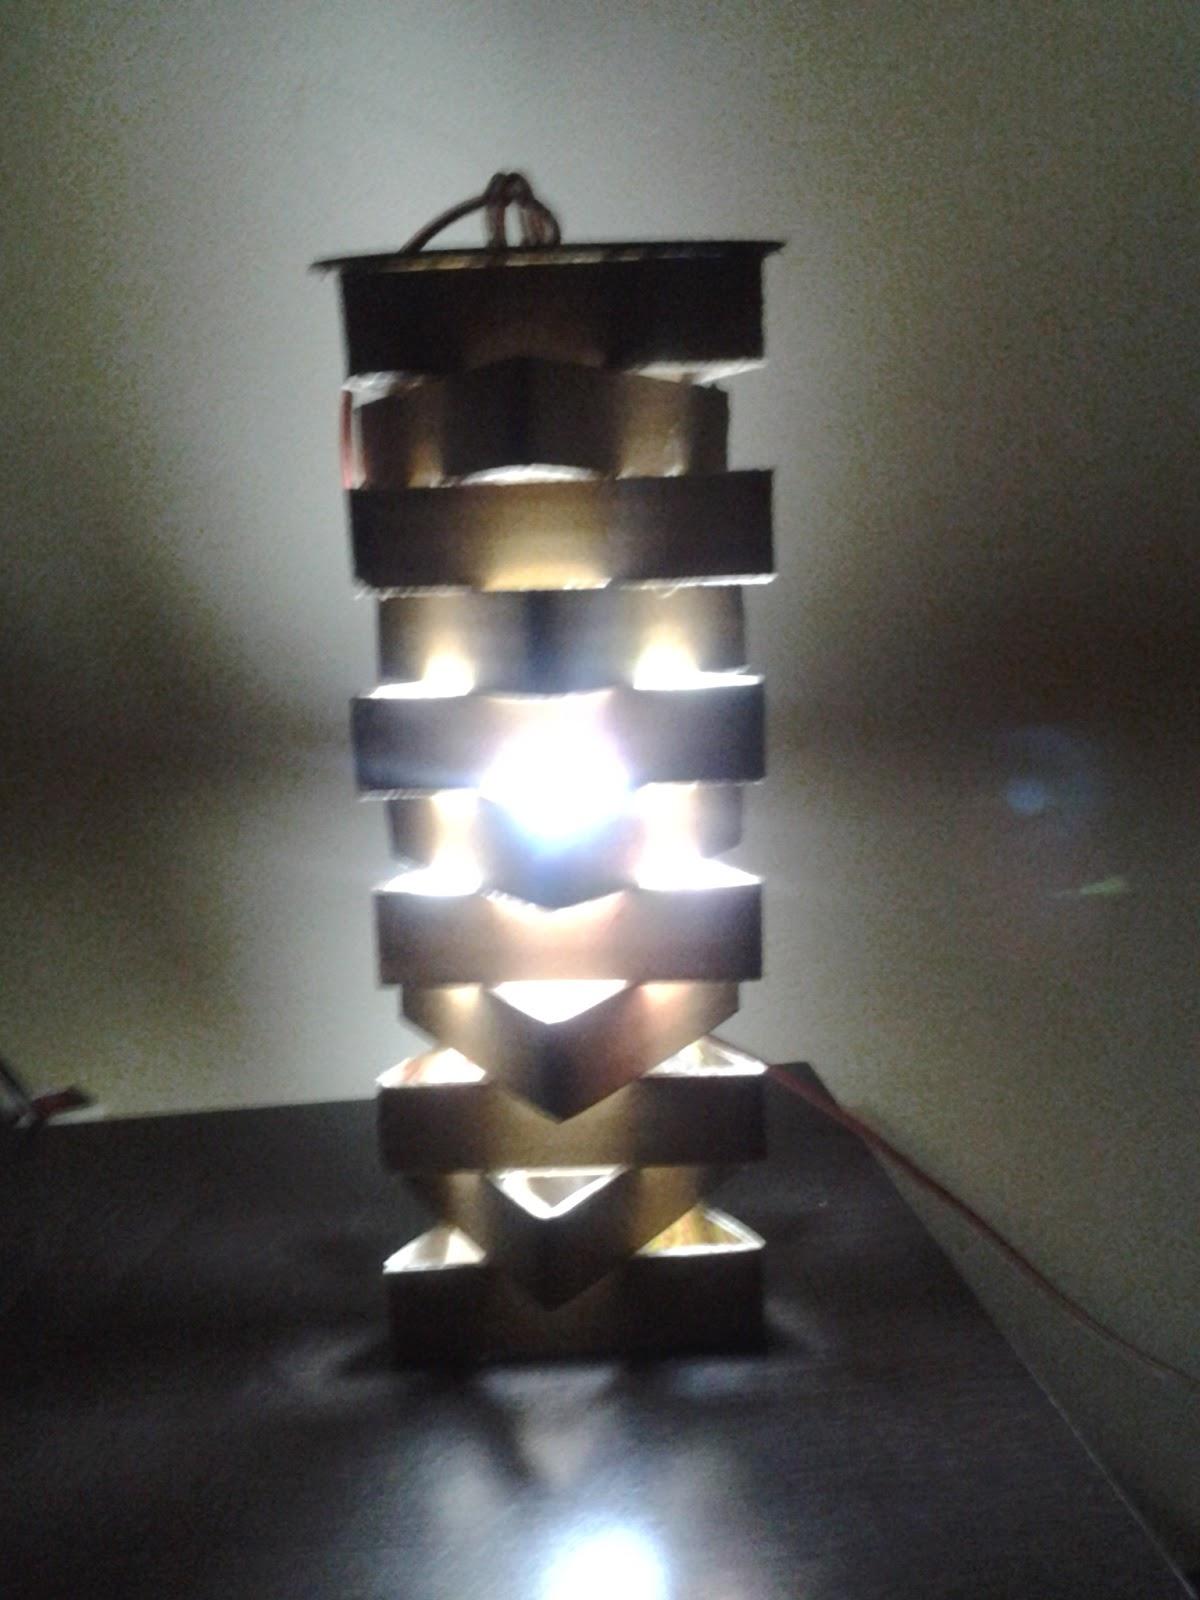 Lampu Unik Terbuat Dari Barang Bekas Bisa Untuk Gantung Atau Meja Harga Tidak Termasuk Bola Rp 15000